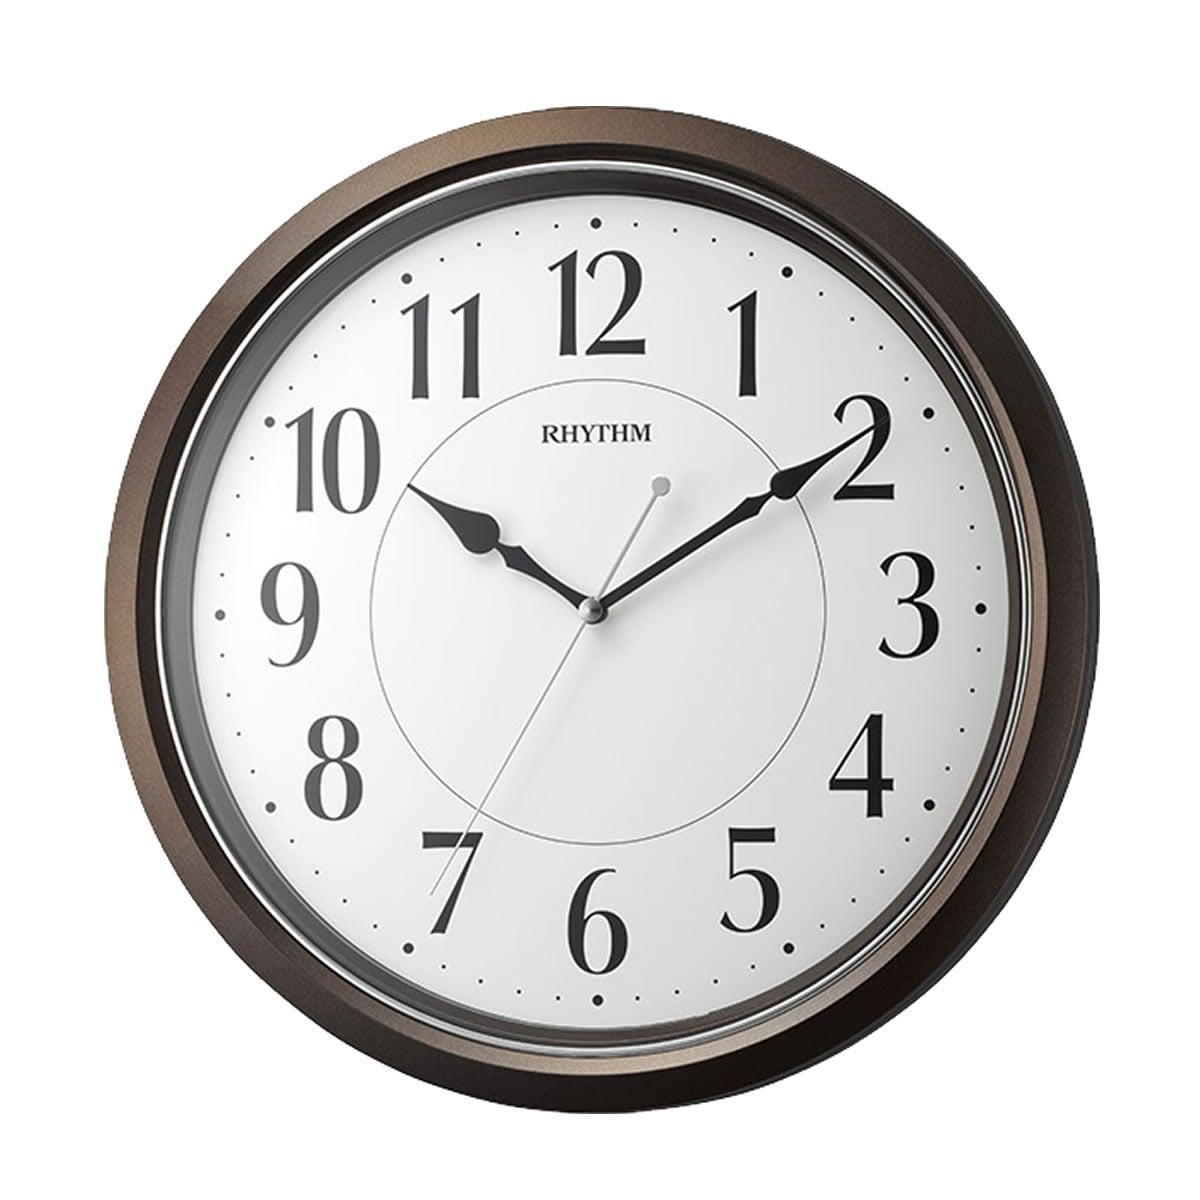 RHYTHM(リズム) 掛け時計 オルロージュM800 8MG800SR06